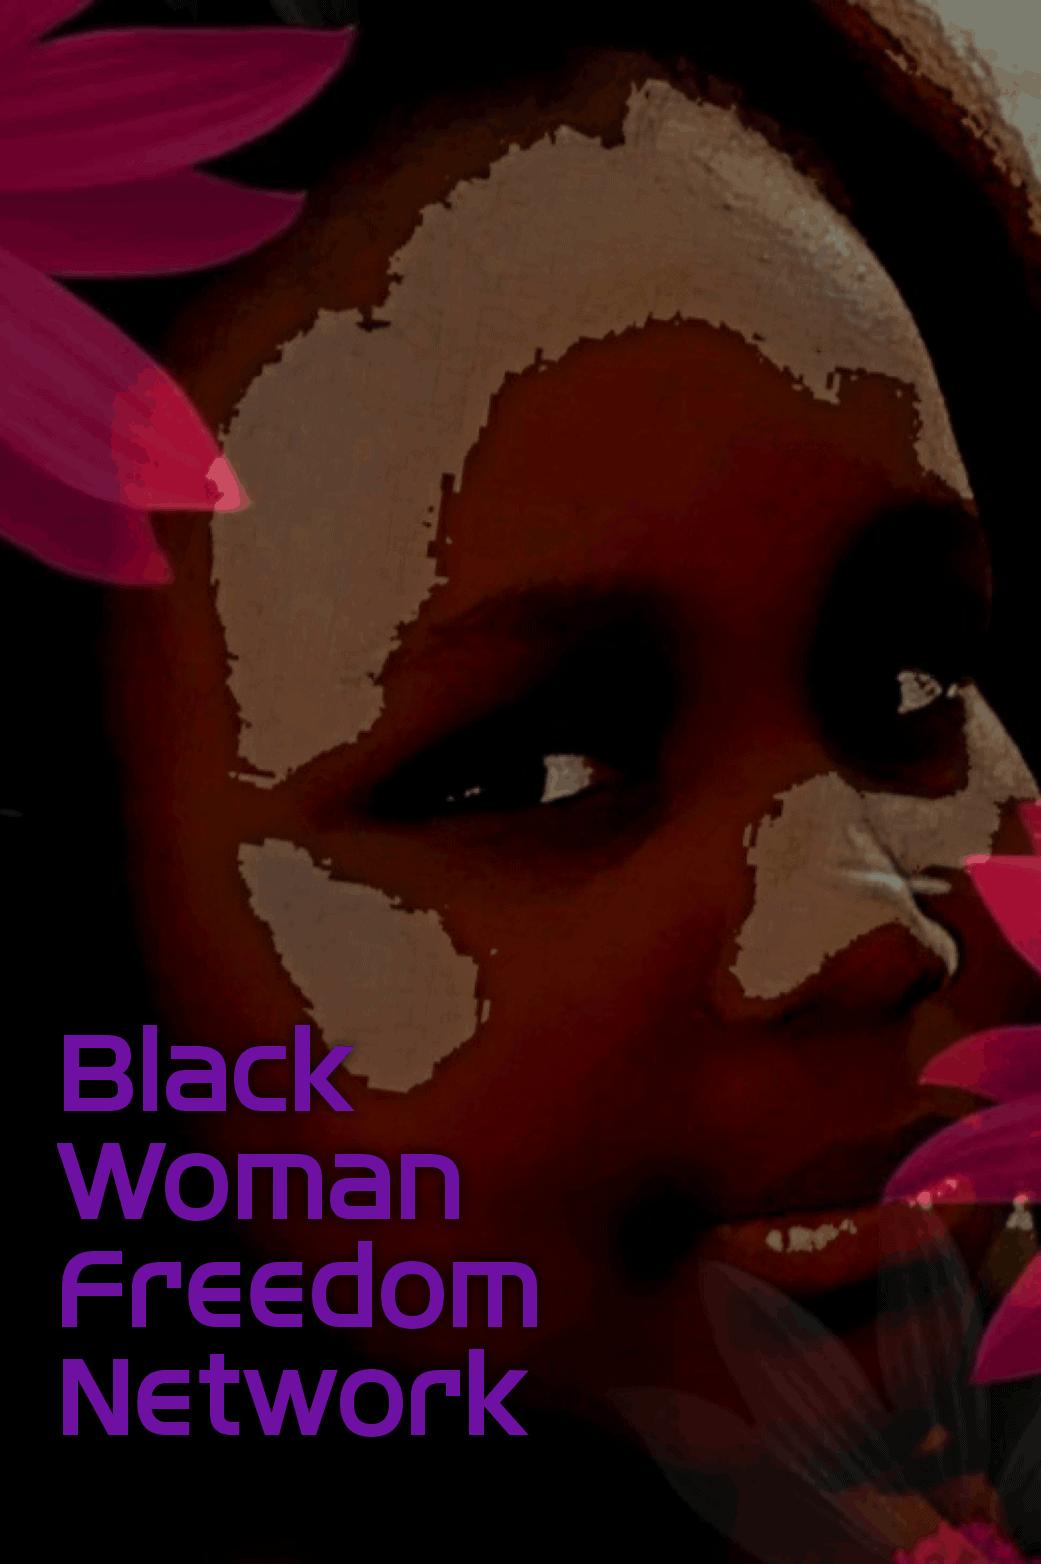 Black Woman nonprofit